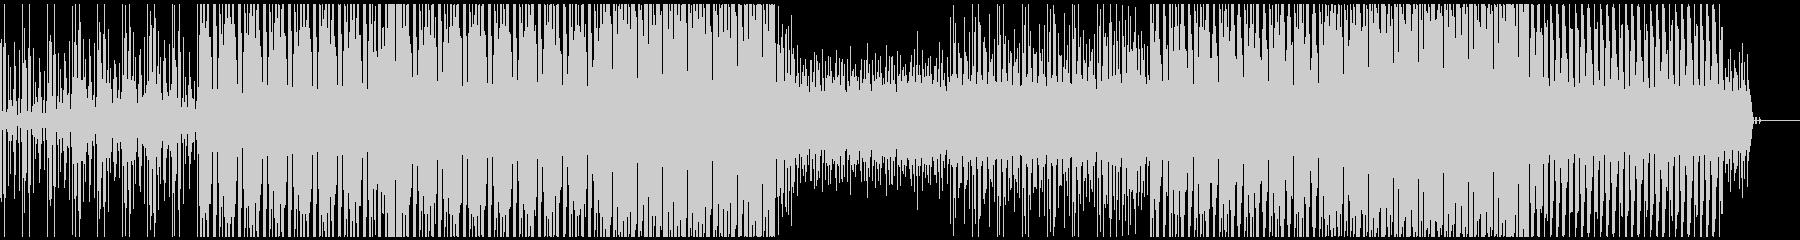 ファンキーなギターリフのテクノの未再生の波形